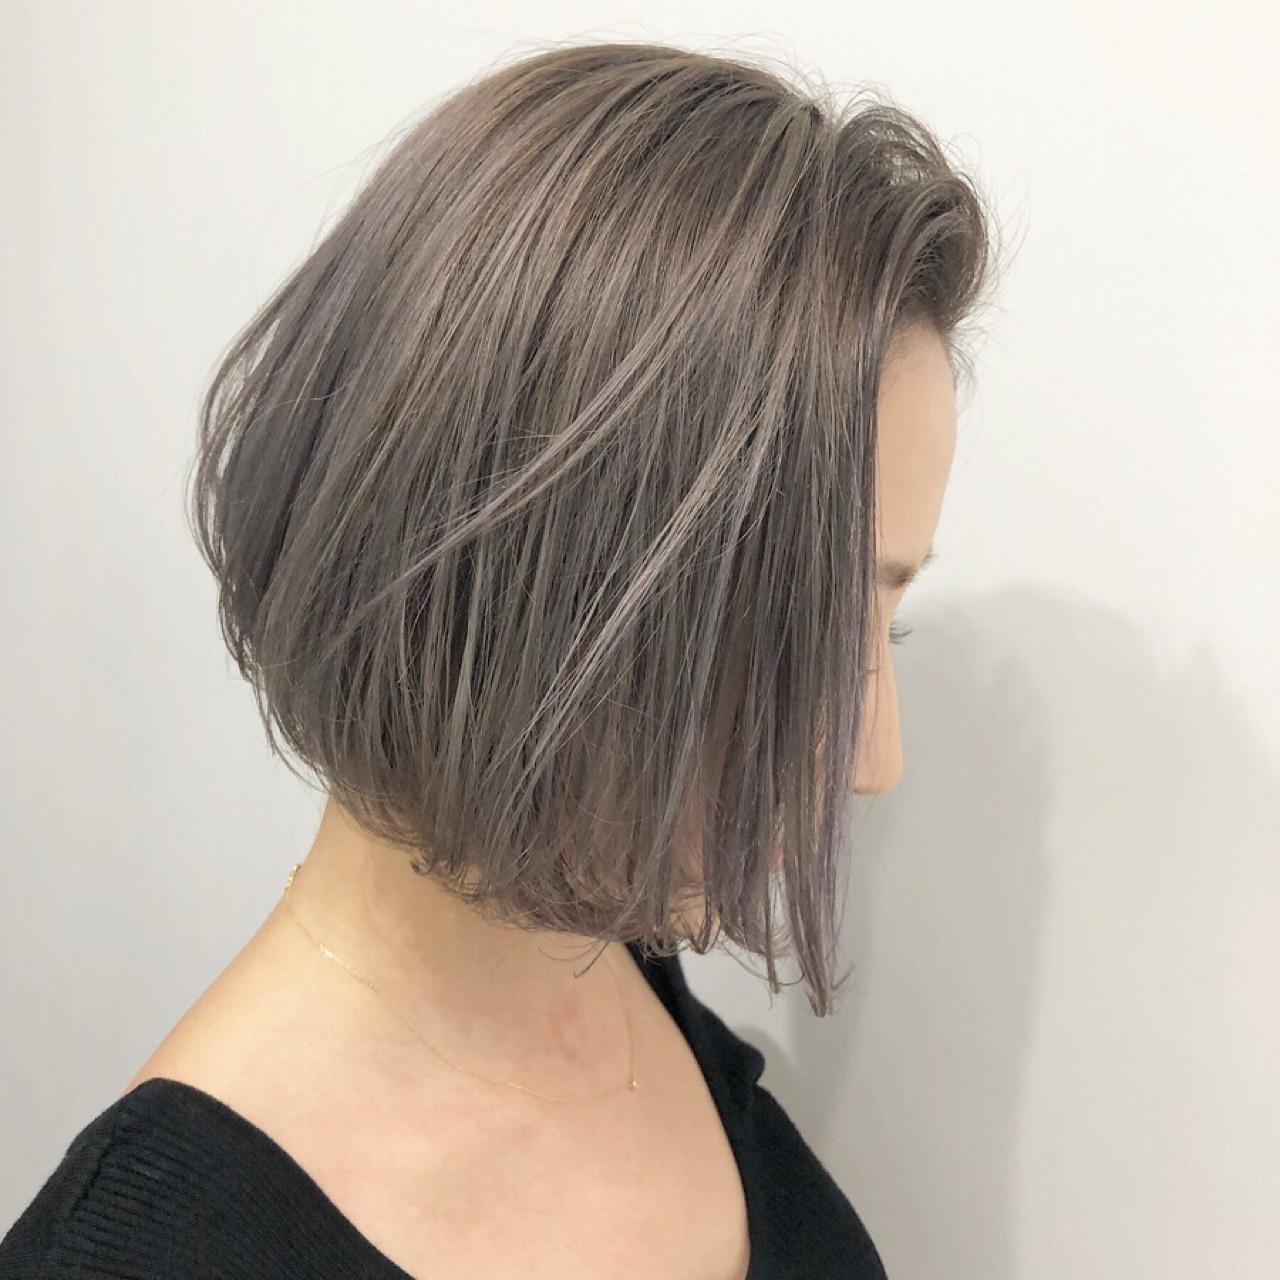 アッシュ ボブ ストリート グレージュ ヘアスタイルや髪型の写真・画像 | AKANE / LOGUE